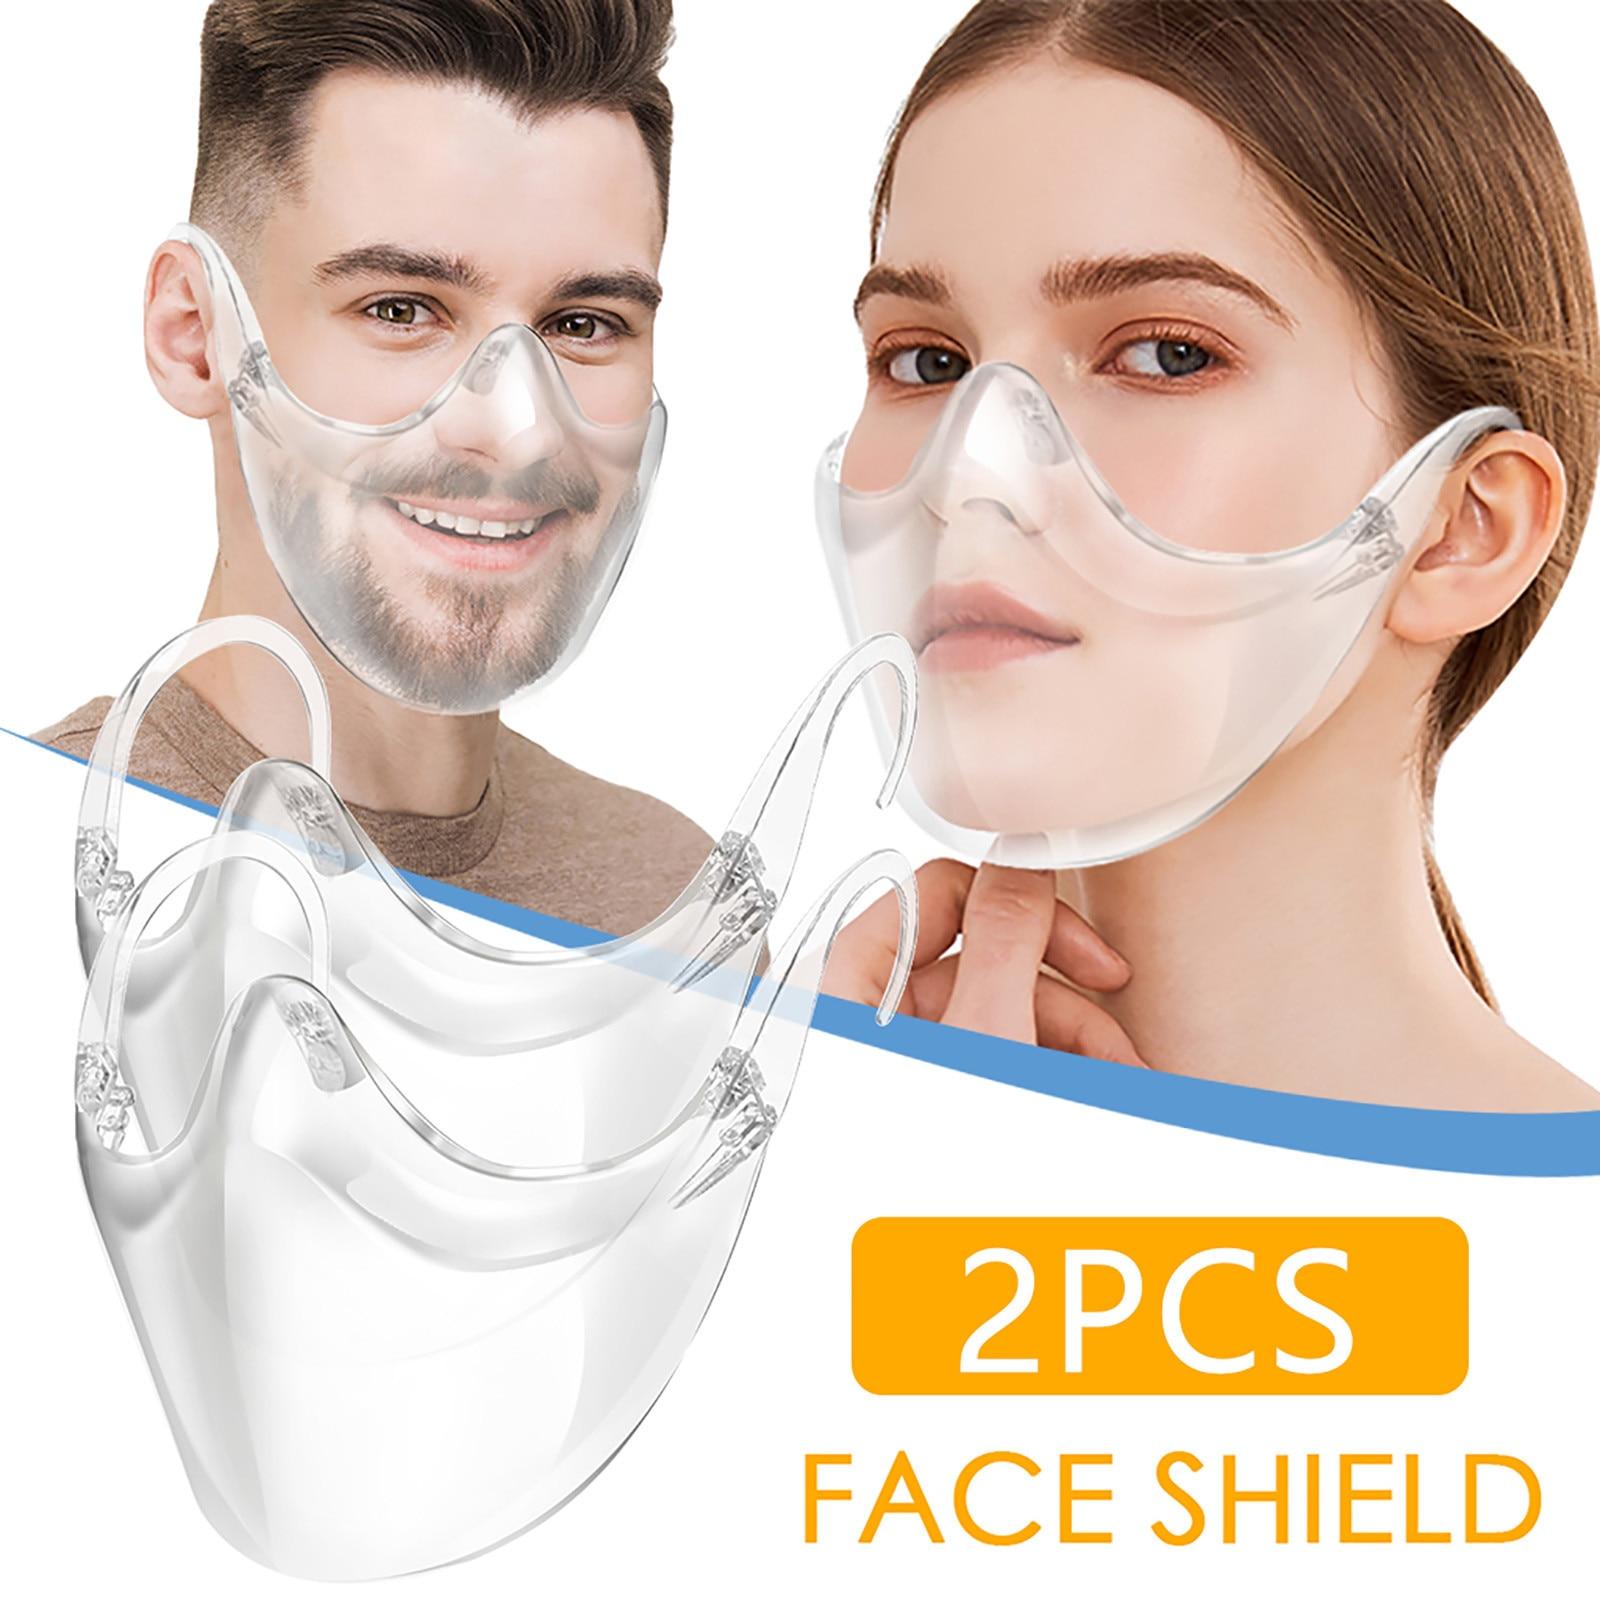 Комплект из 2 предметов гигиены Безопасность защитный лицевой щиток Пластик Козырек защитный анти-туман Анти-всплеск прозрачный Еда защитн...